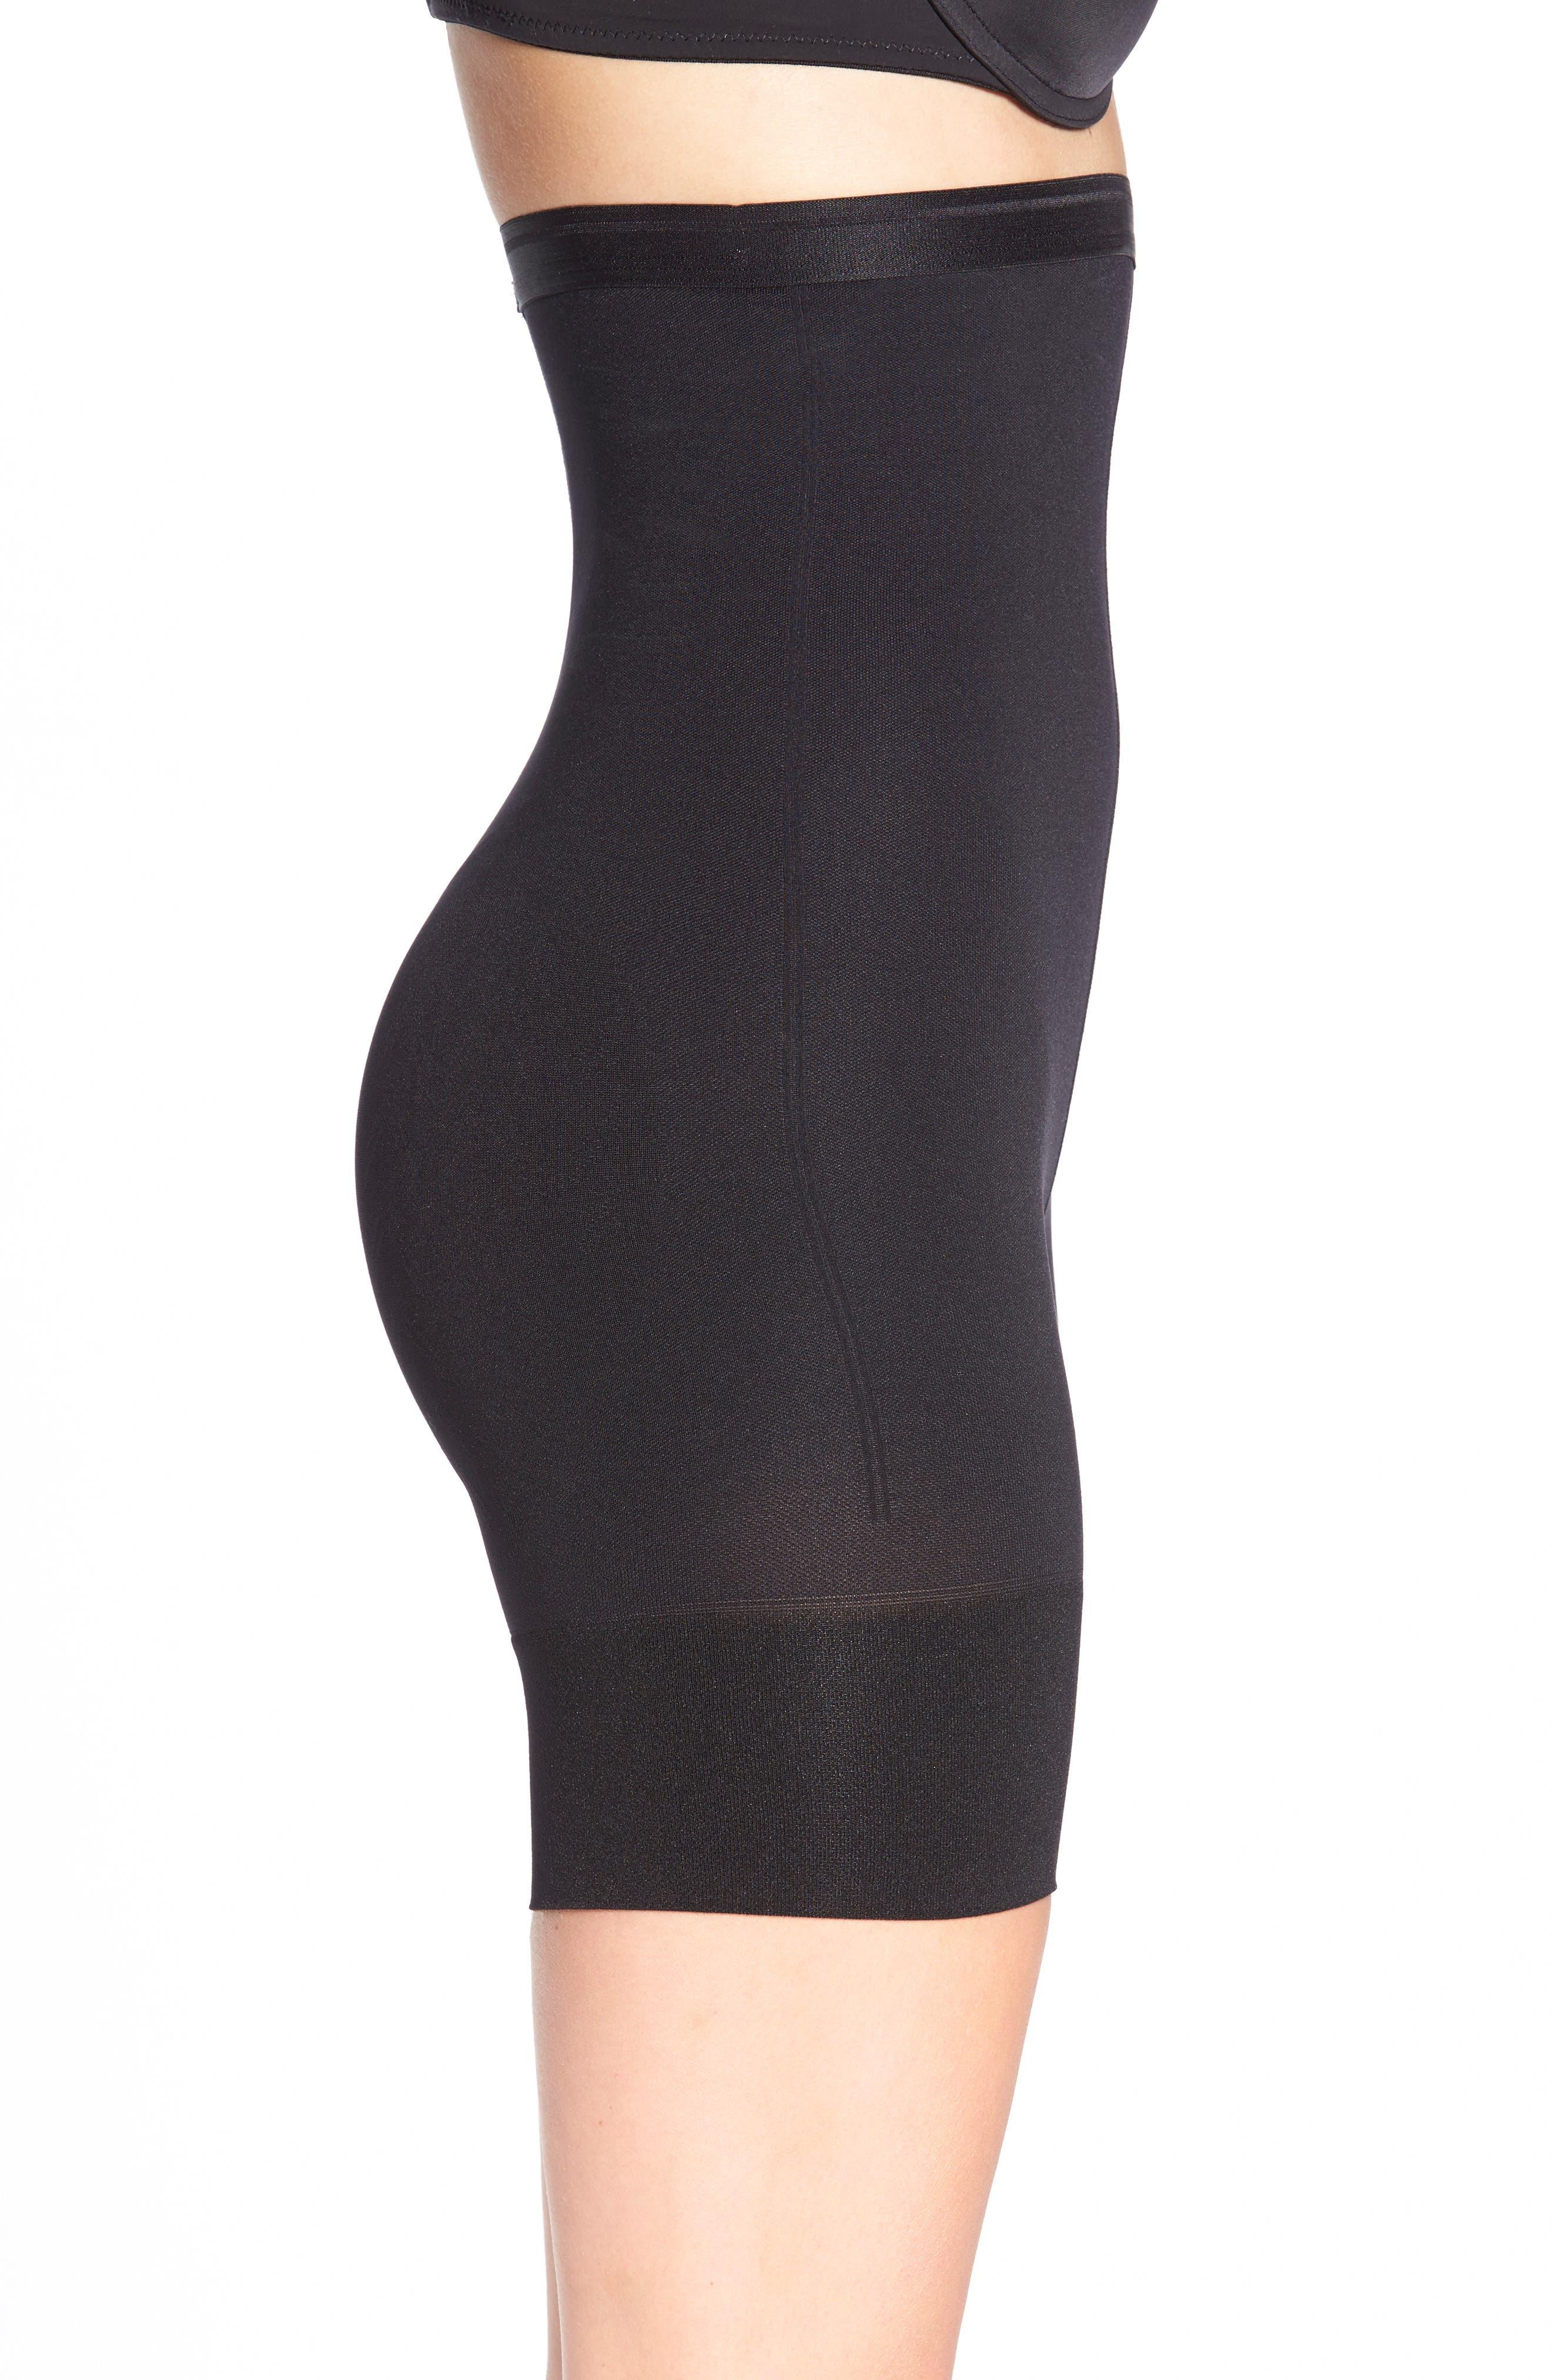 Shorty Shaping Shorts,                         Main,                         color, BLACK